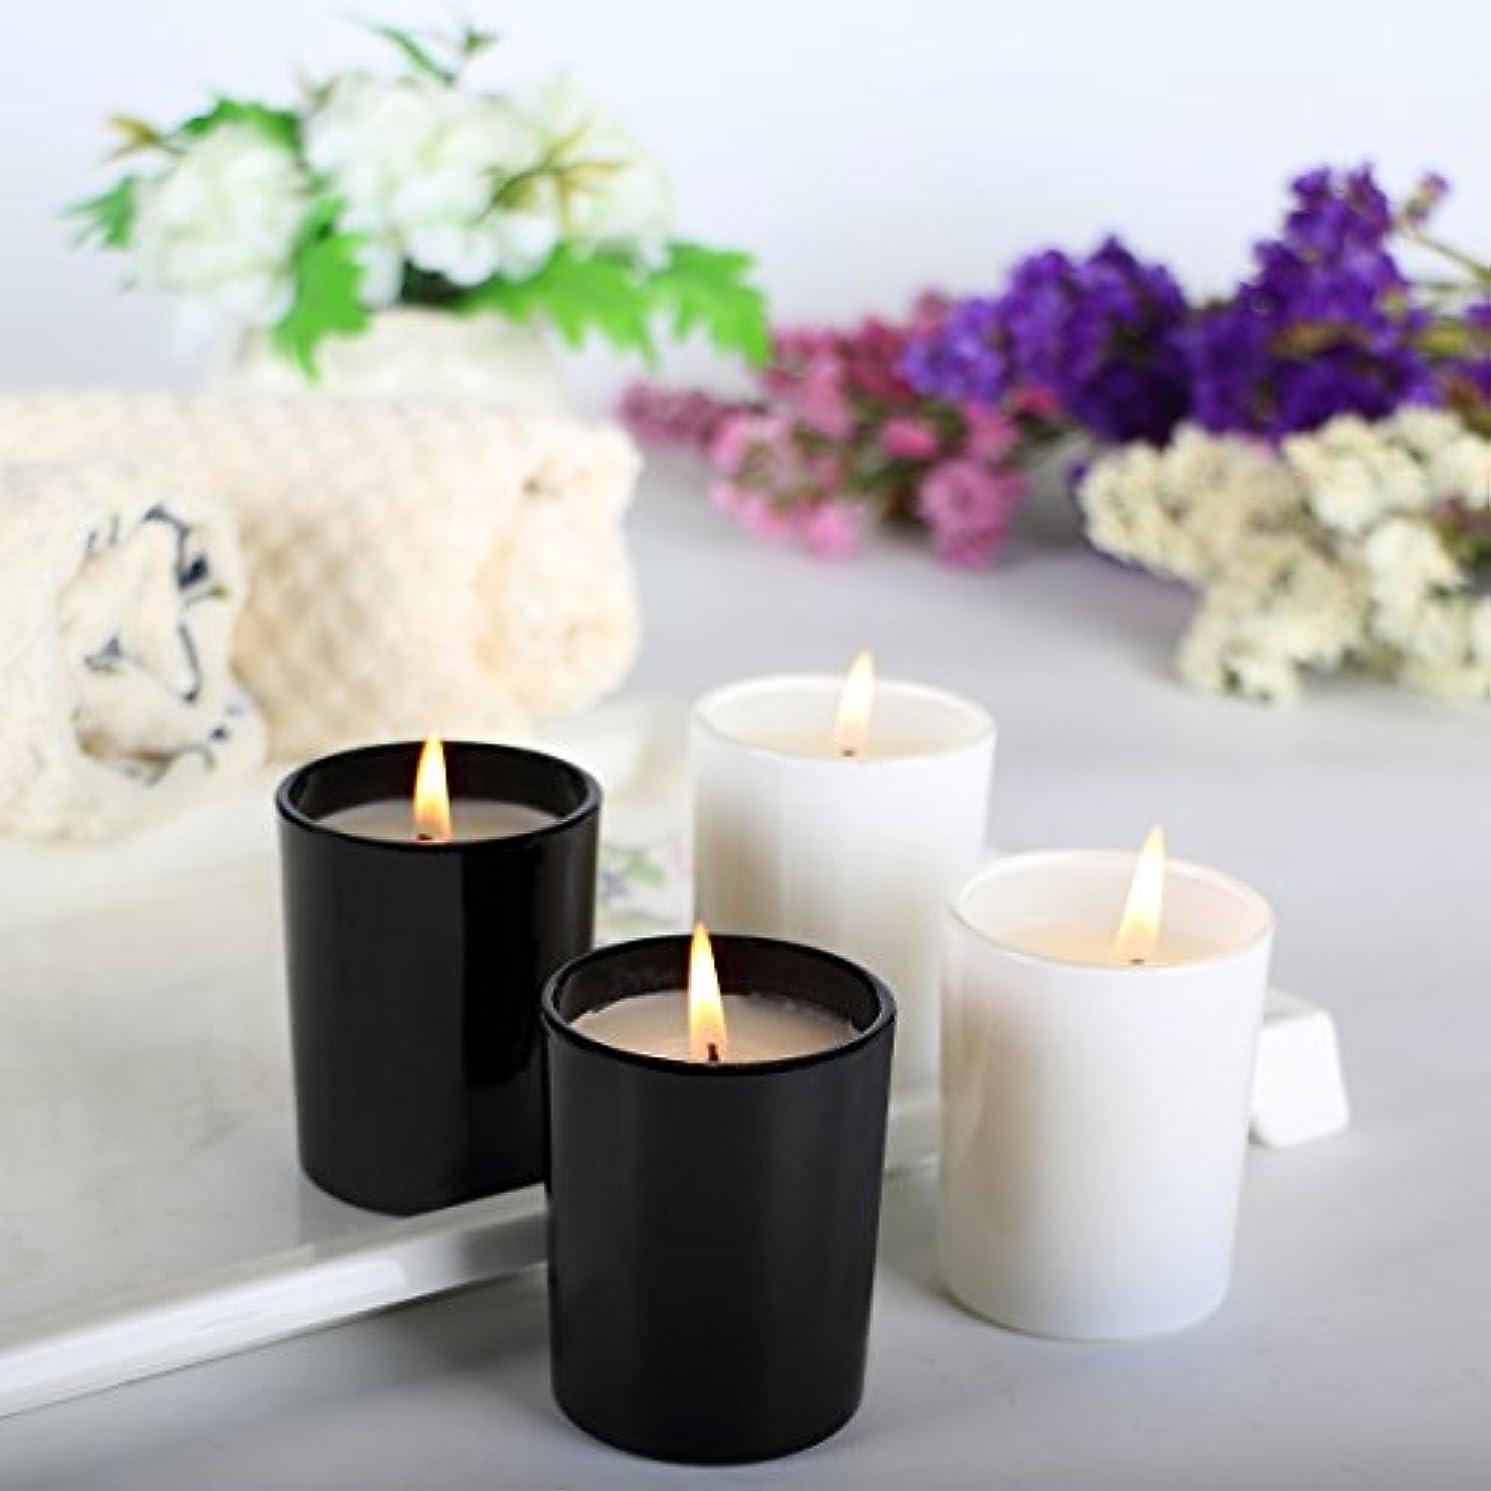 番目しわ振動する(4 70ml) - Scented Candle, Pack 4 Candles - Includes Gardenia, Lemongrass, Pine, Vanilla Soy Candles for Stress Relief, Christmas Gift